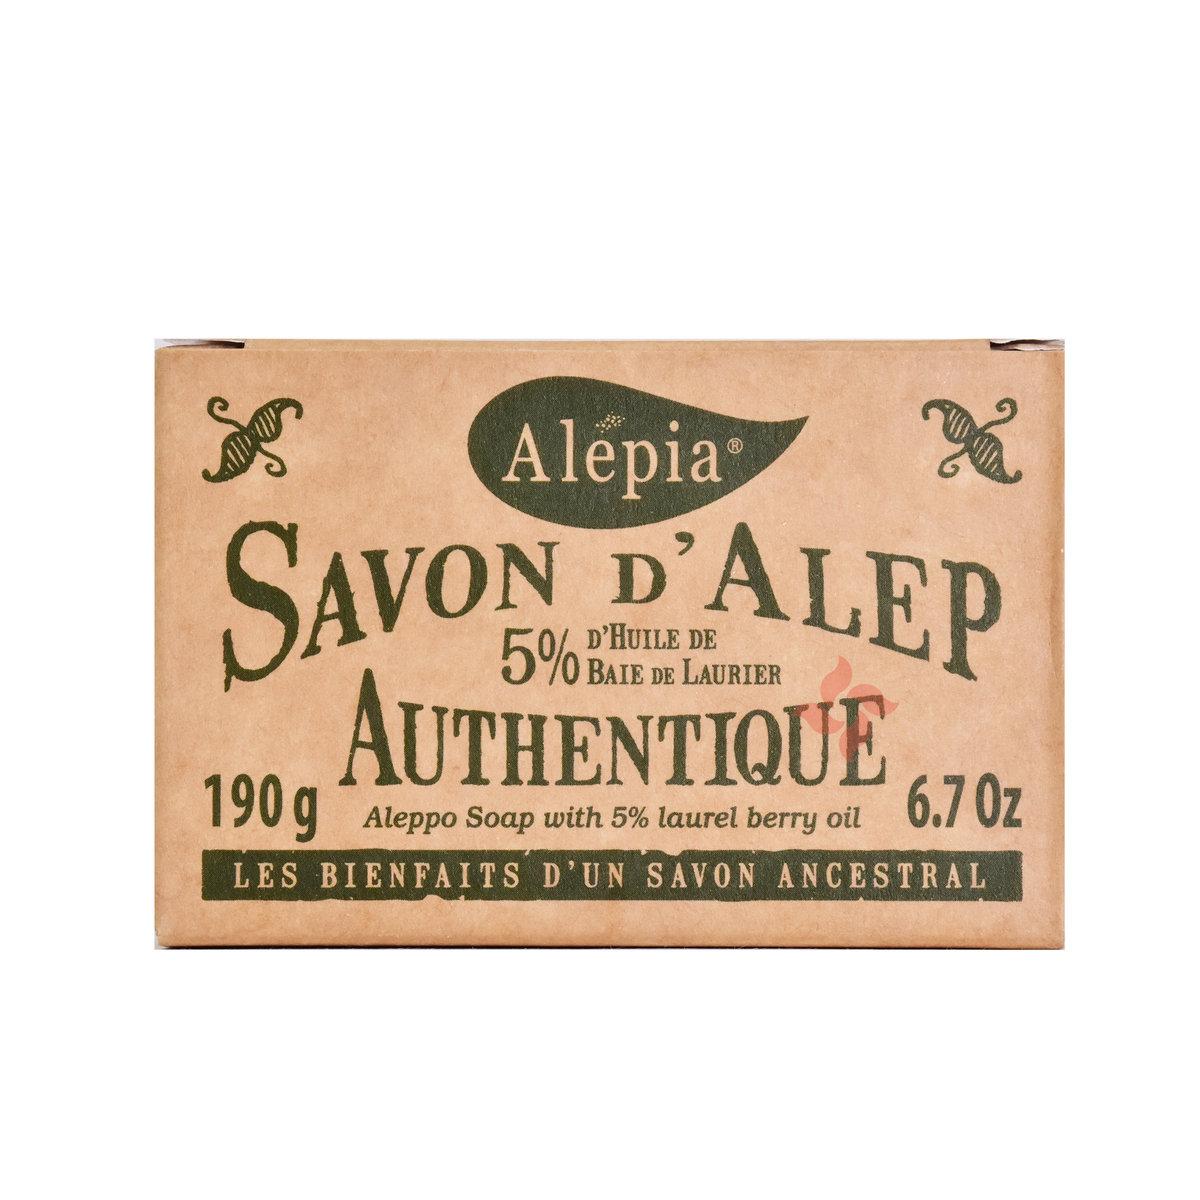 Savon d'Alep 5% Laurier 190g (3700479107244)